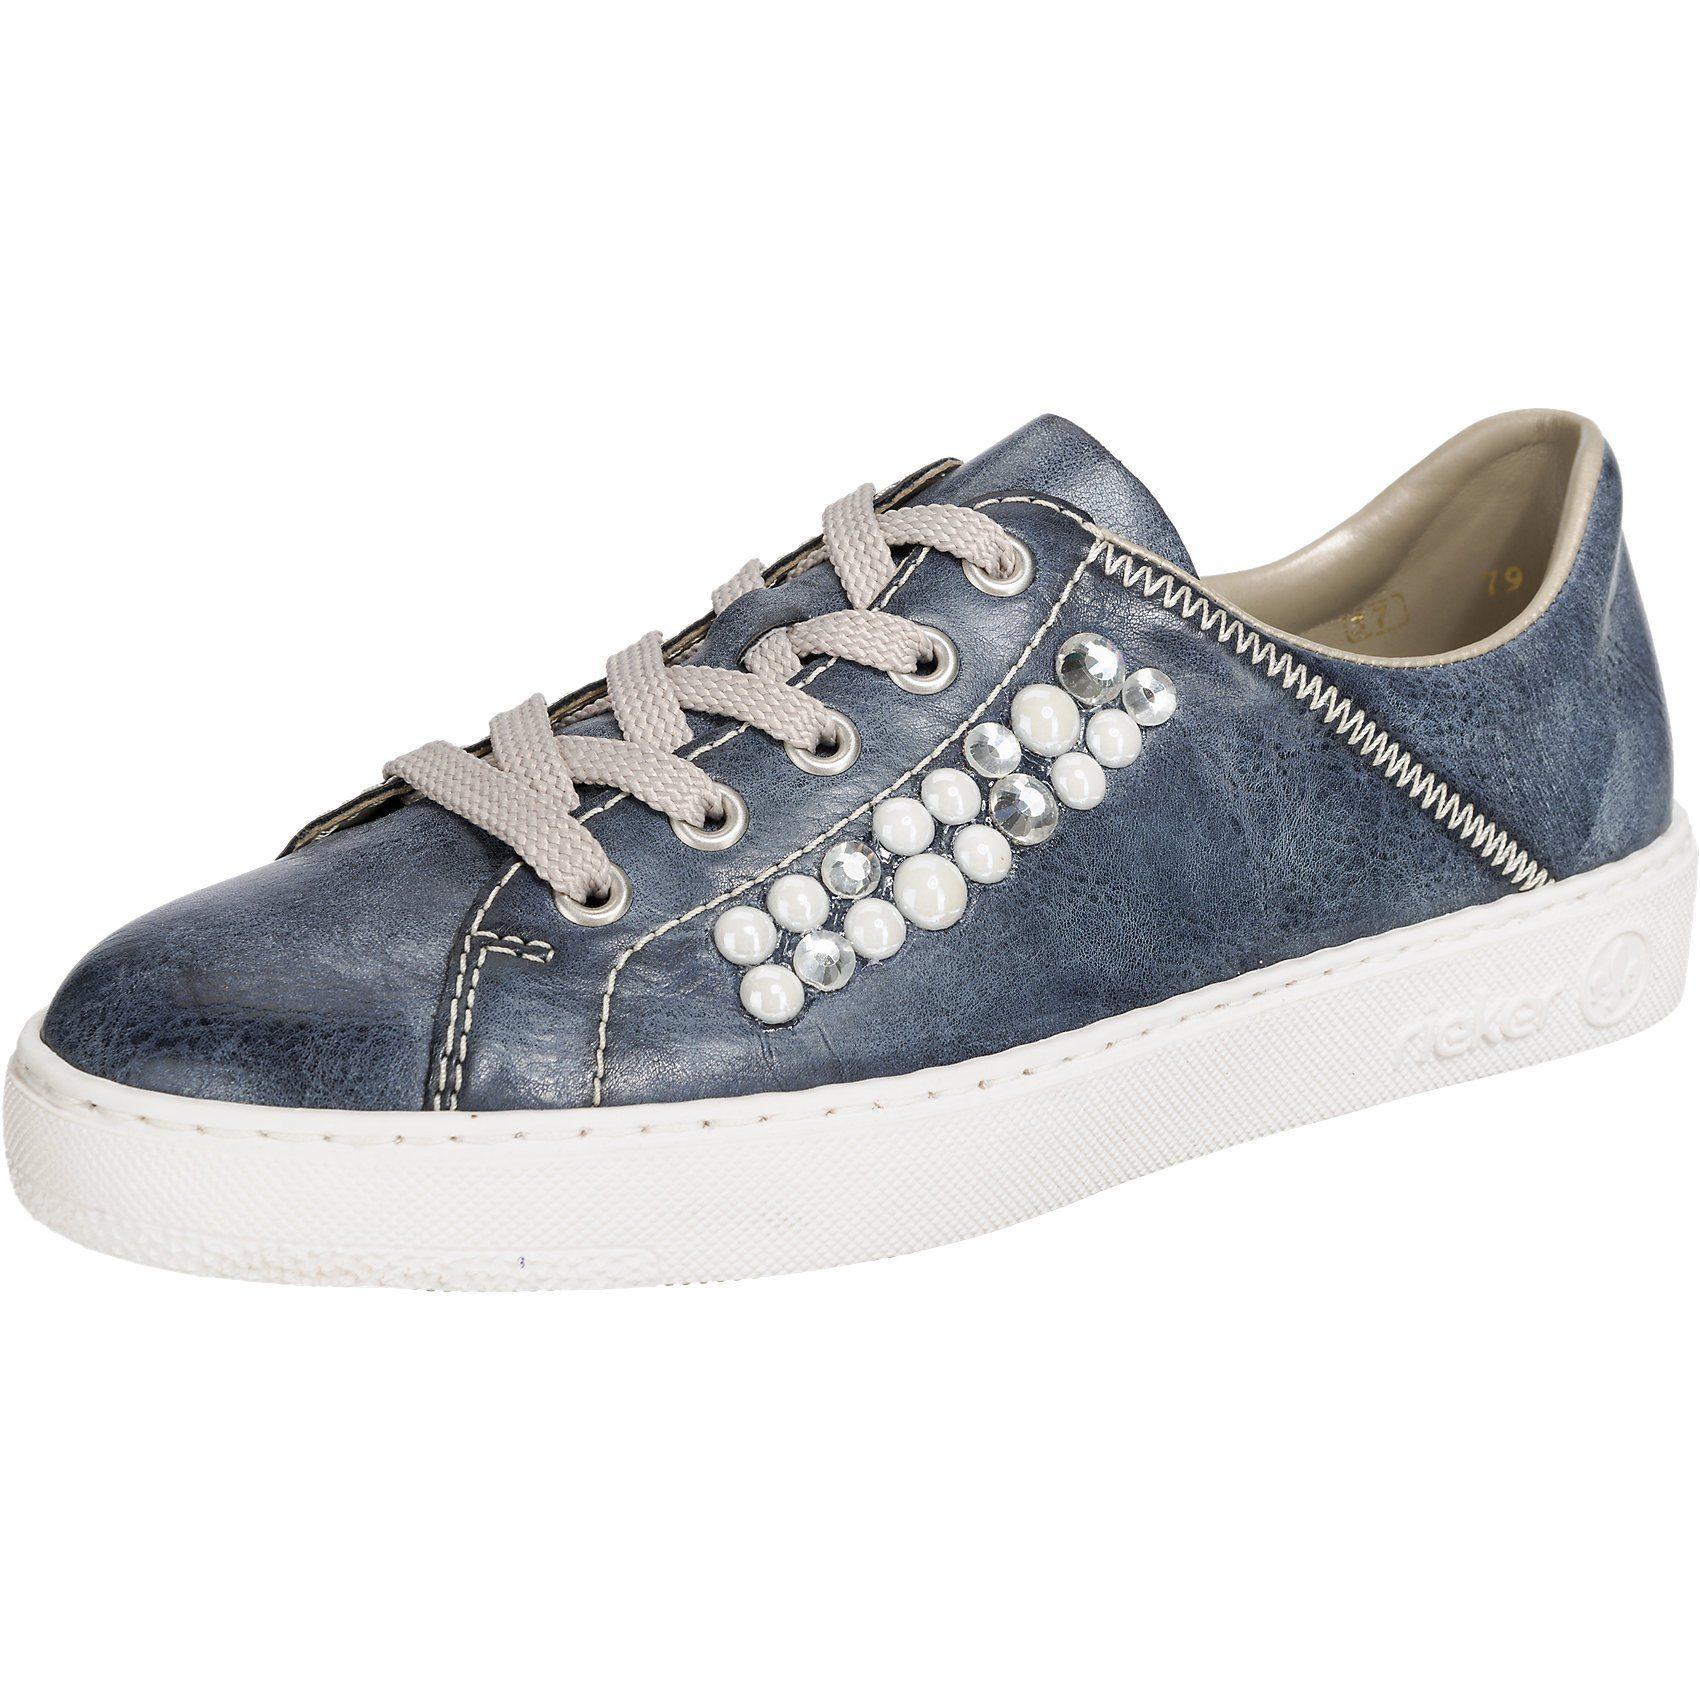 rieker Sneakers online kaufen  blau